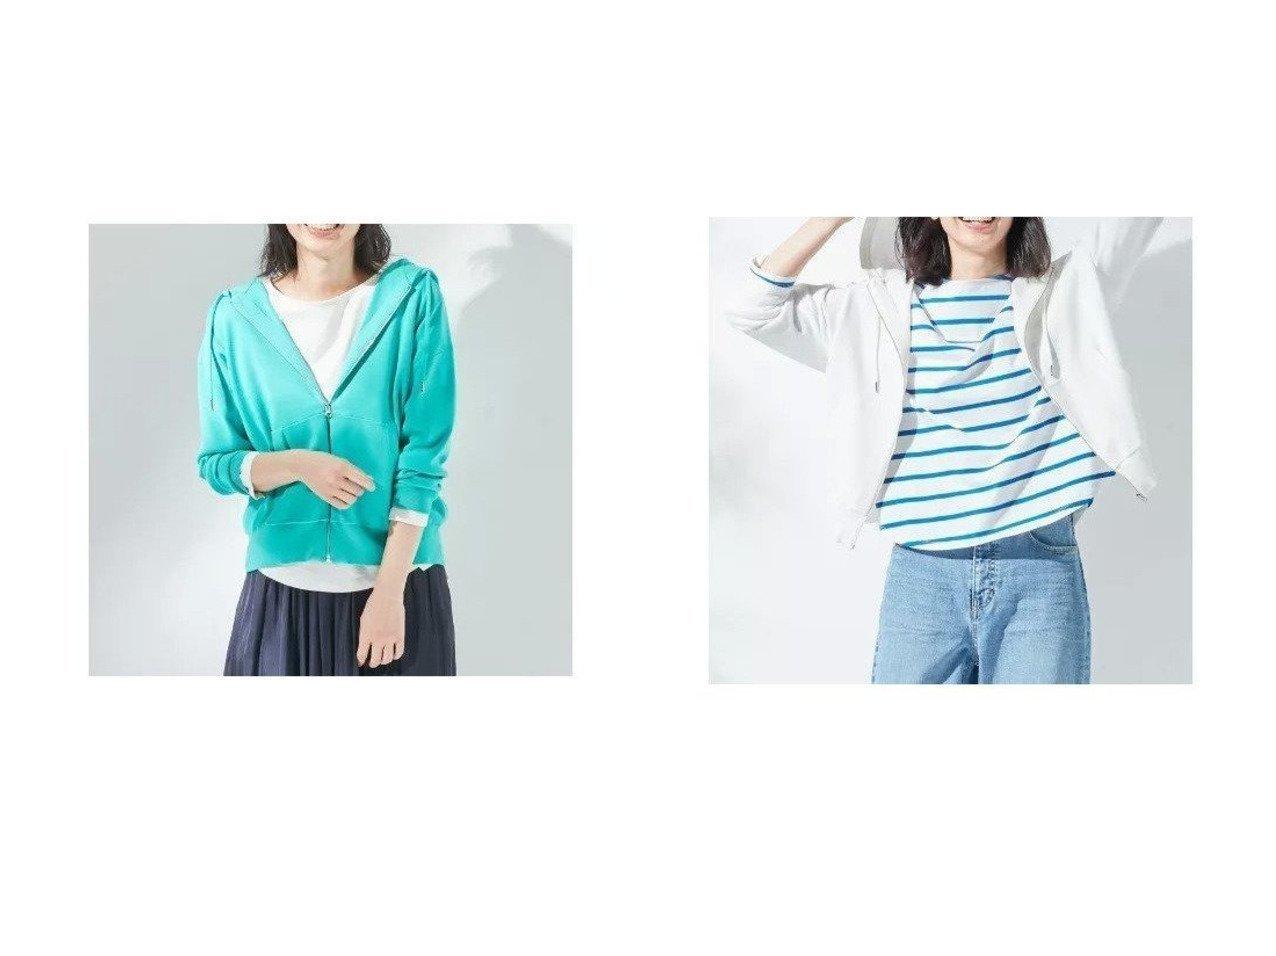 【KUMIKYOKU/組曲】の【KMKK】PE ニットアップ ジップアップパーカ(KF22) おすすめ!人気、トレンド・レディースファッションの通販 おすすめファッション通販アイテム インテリア・キッズ・メンズ・レディースファッション・服の通販 founy(ファニー)  ファッションモデル・俳優・女優 Models 女性 Women 東原亜希 Higashihara Aki ファッション Fashion レディースファッション WOMEN トップス・カットソー Tops/Tshirt ニット Knit Tops パーカ Sweats スウェット Sweat セットアップ Setup トップス Tops 秋 Autumn/Fall コンパクト 抗菌 ジップアップ スウェット ストレッチ パーカー ベーシック ポケット 2021年 2021 S/S・春夏 SS・Spring/Summer 2021春夏・S/S SS/Spring/Summer/2021 ブルー系 Blue イエロー系 Yellow オレンジ系 Orange グリーン系 Green |ID:crp329100000037165